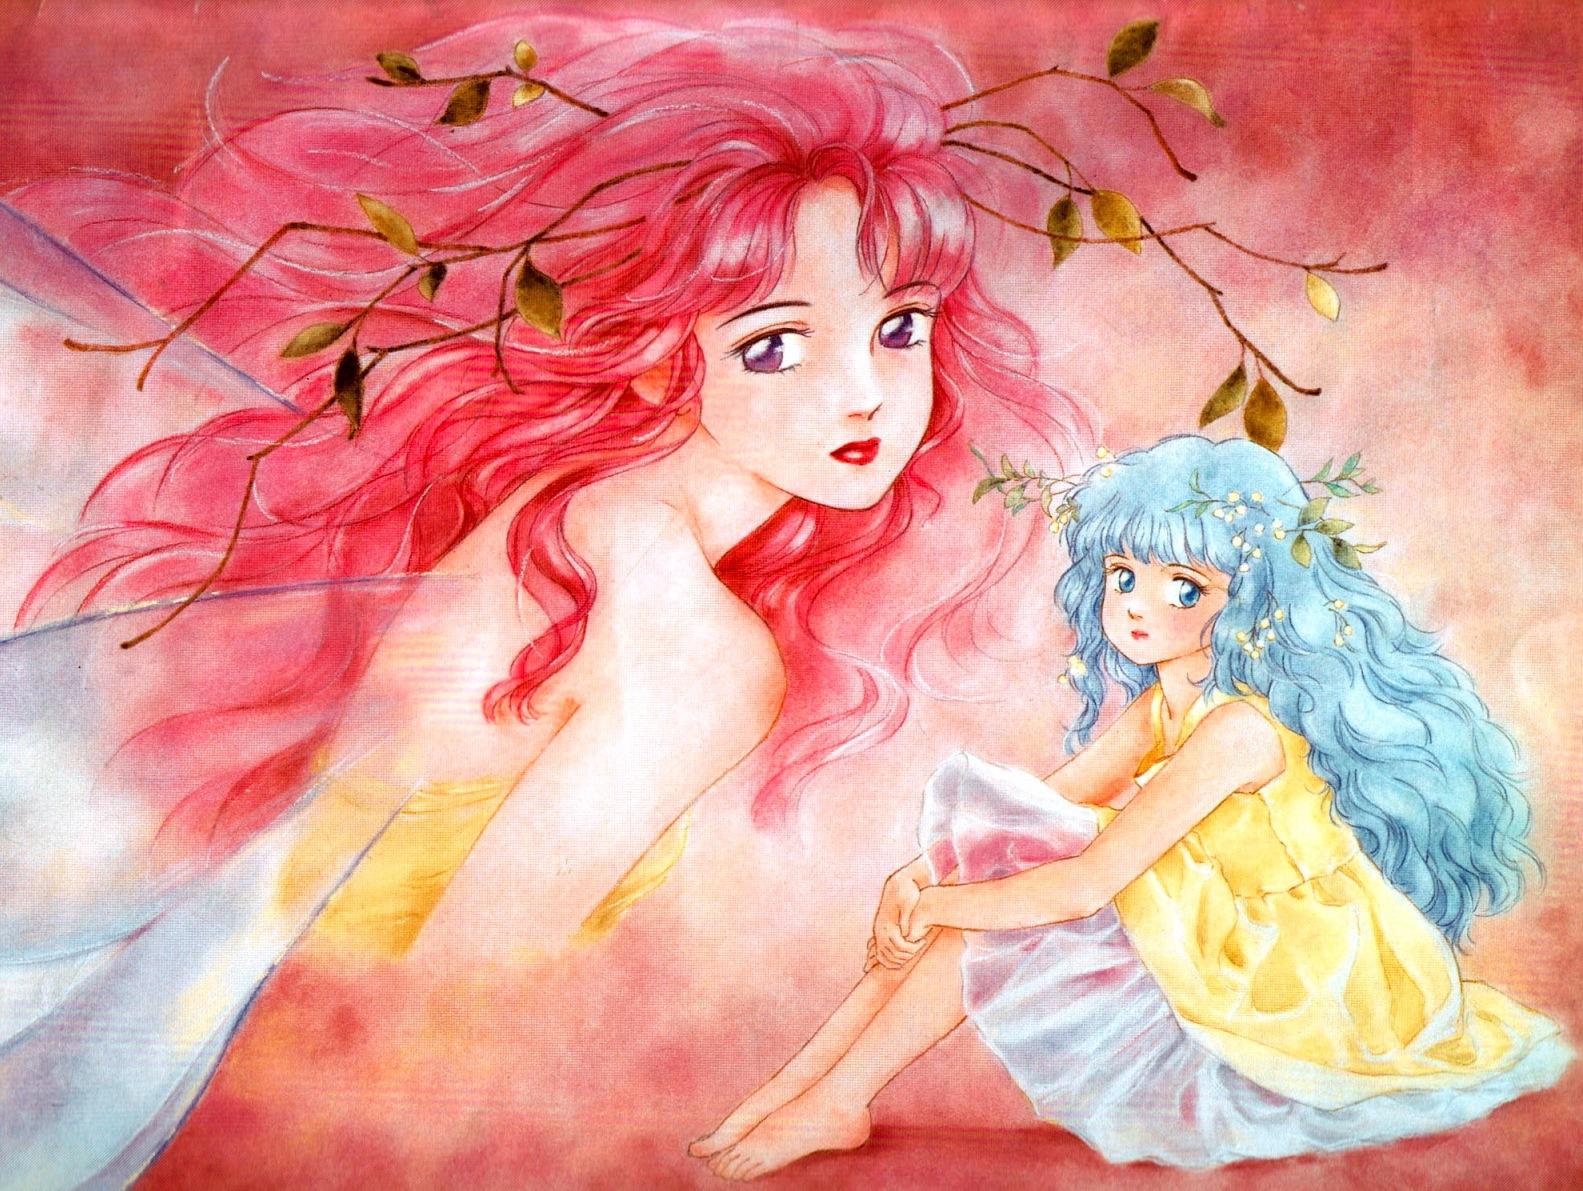 http://grenierdelatv.free.fr/2/pelsia06.jpg